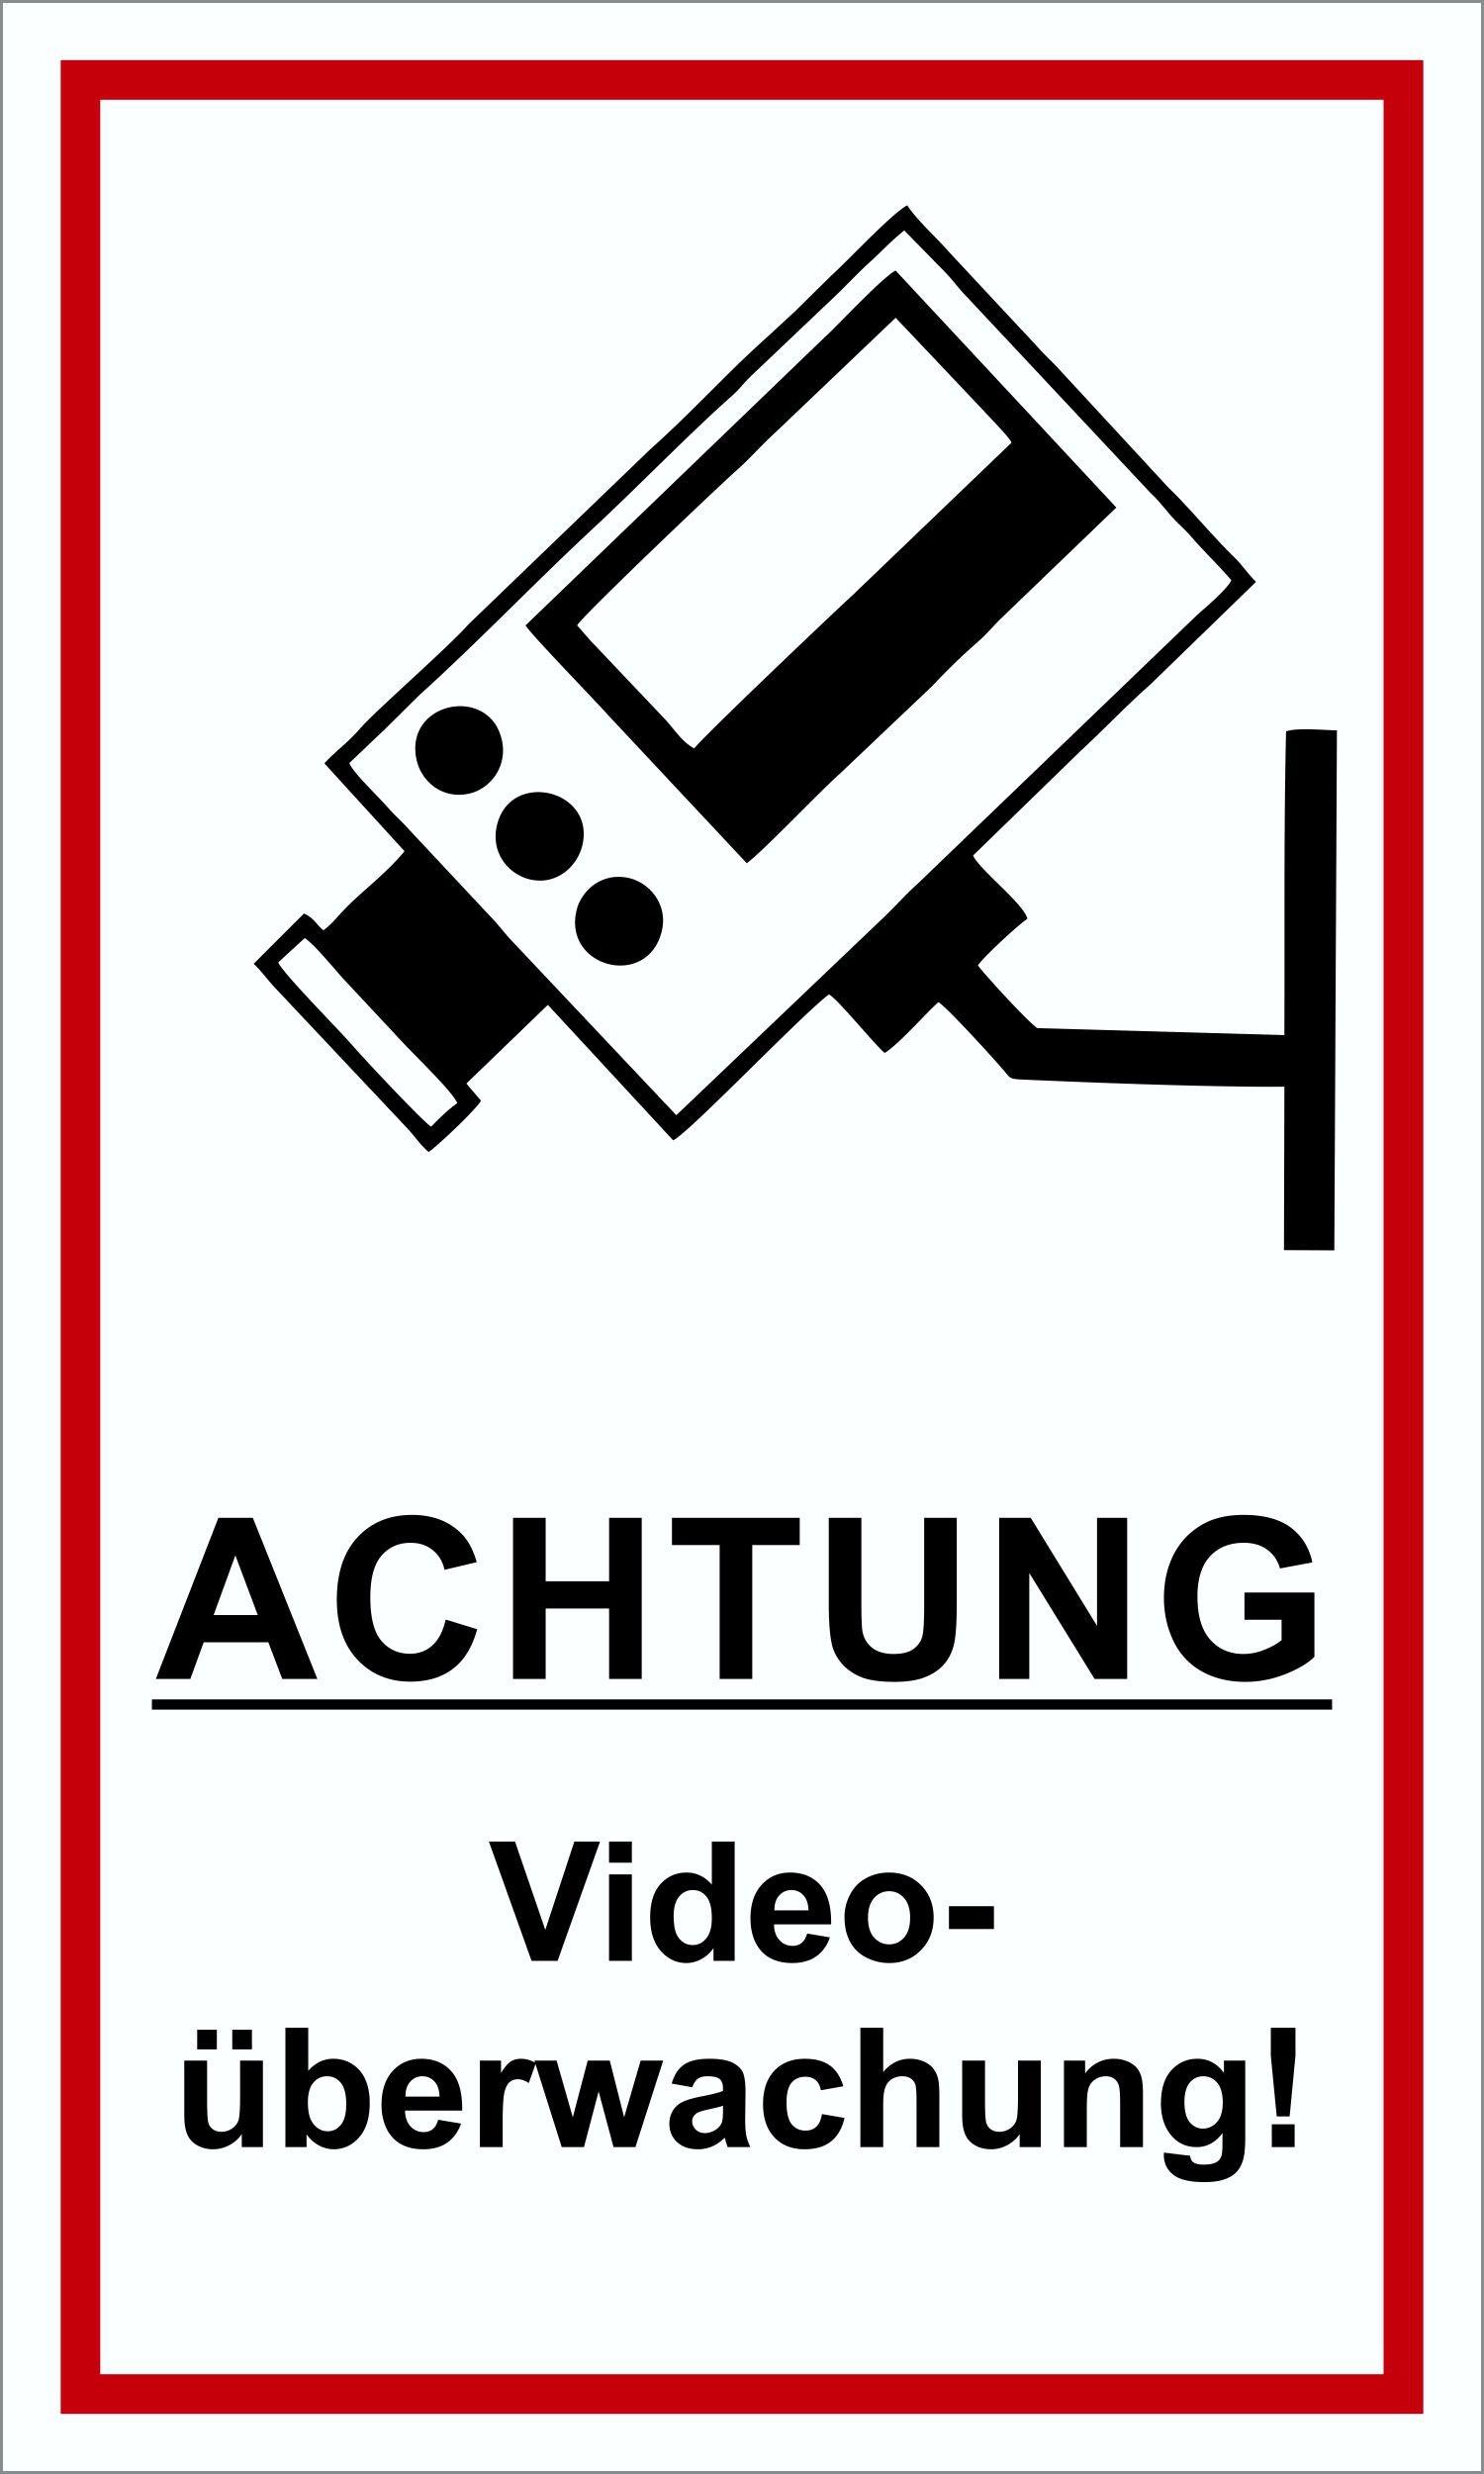 Achtung Videoüberwachung! 250 x 150 mm Schild PST-Kunststoff  – Bild 1